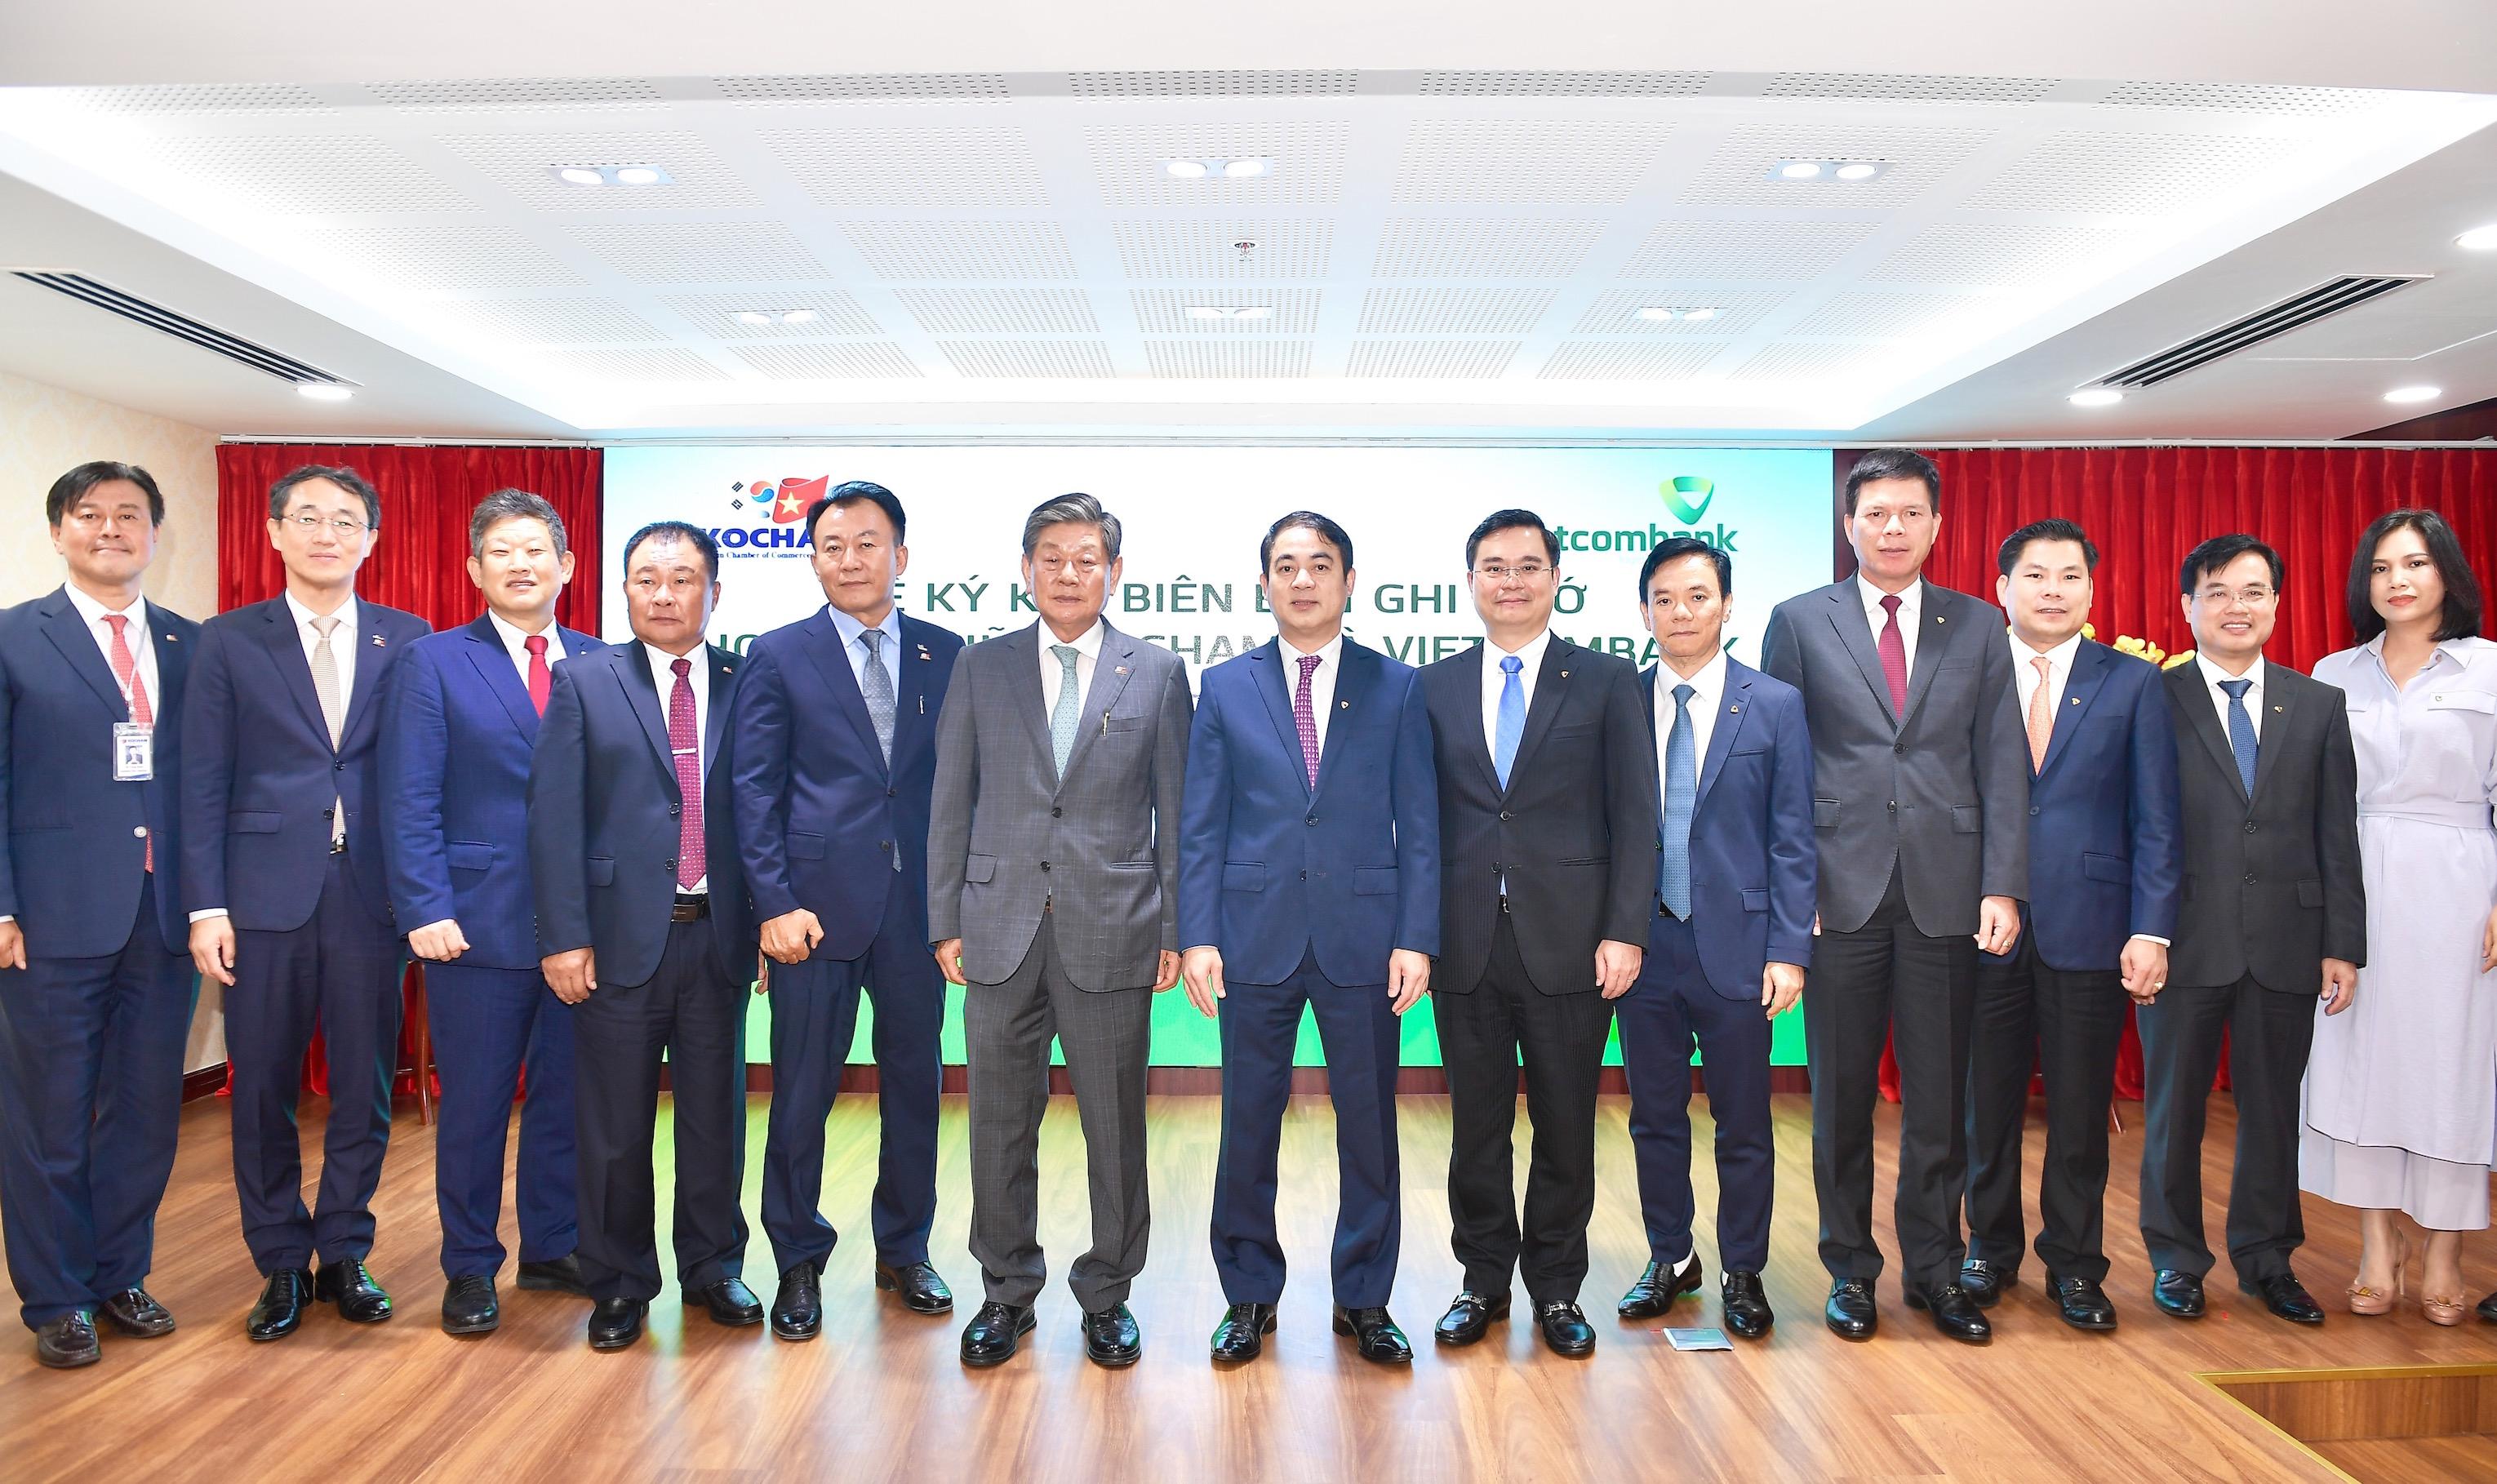 Lễ ký kết Biên bản ghi nhớ hợp tác giữa Vietcombank và Kocham